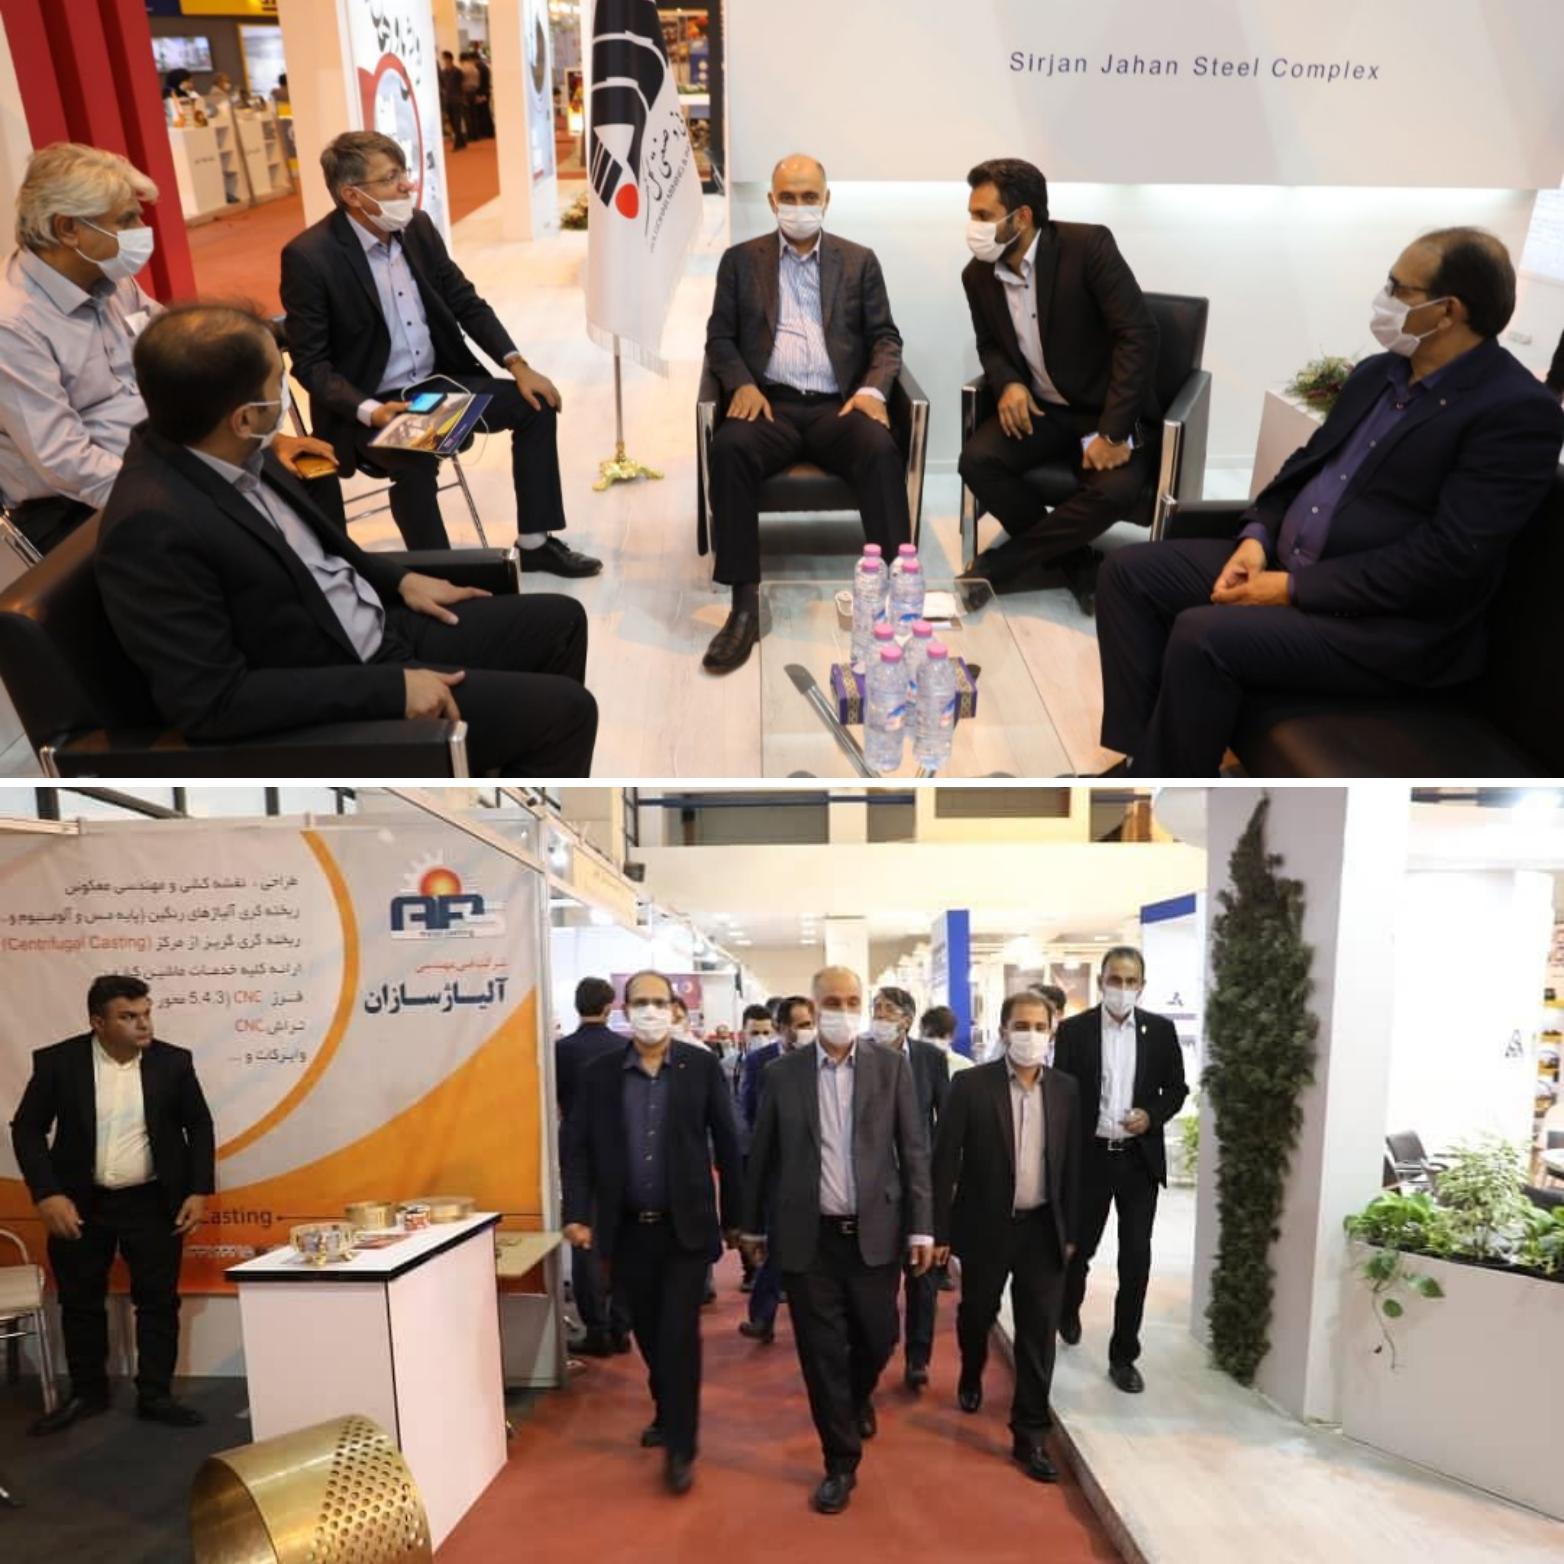 بازدید جمشید ملارحمان از هشتمین نمایشگاه بینالمللی معدن، صنایع معدنی و فرآوری مواد معدنی و تجهیزات وابسته استان کرمان